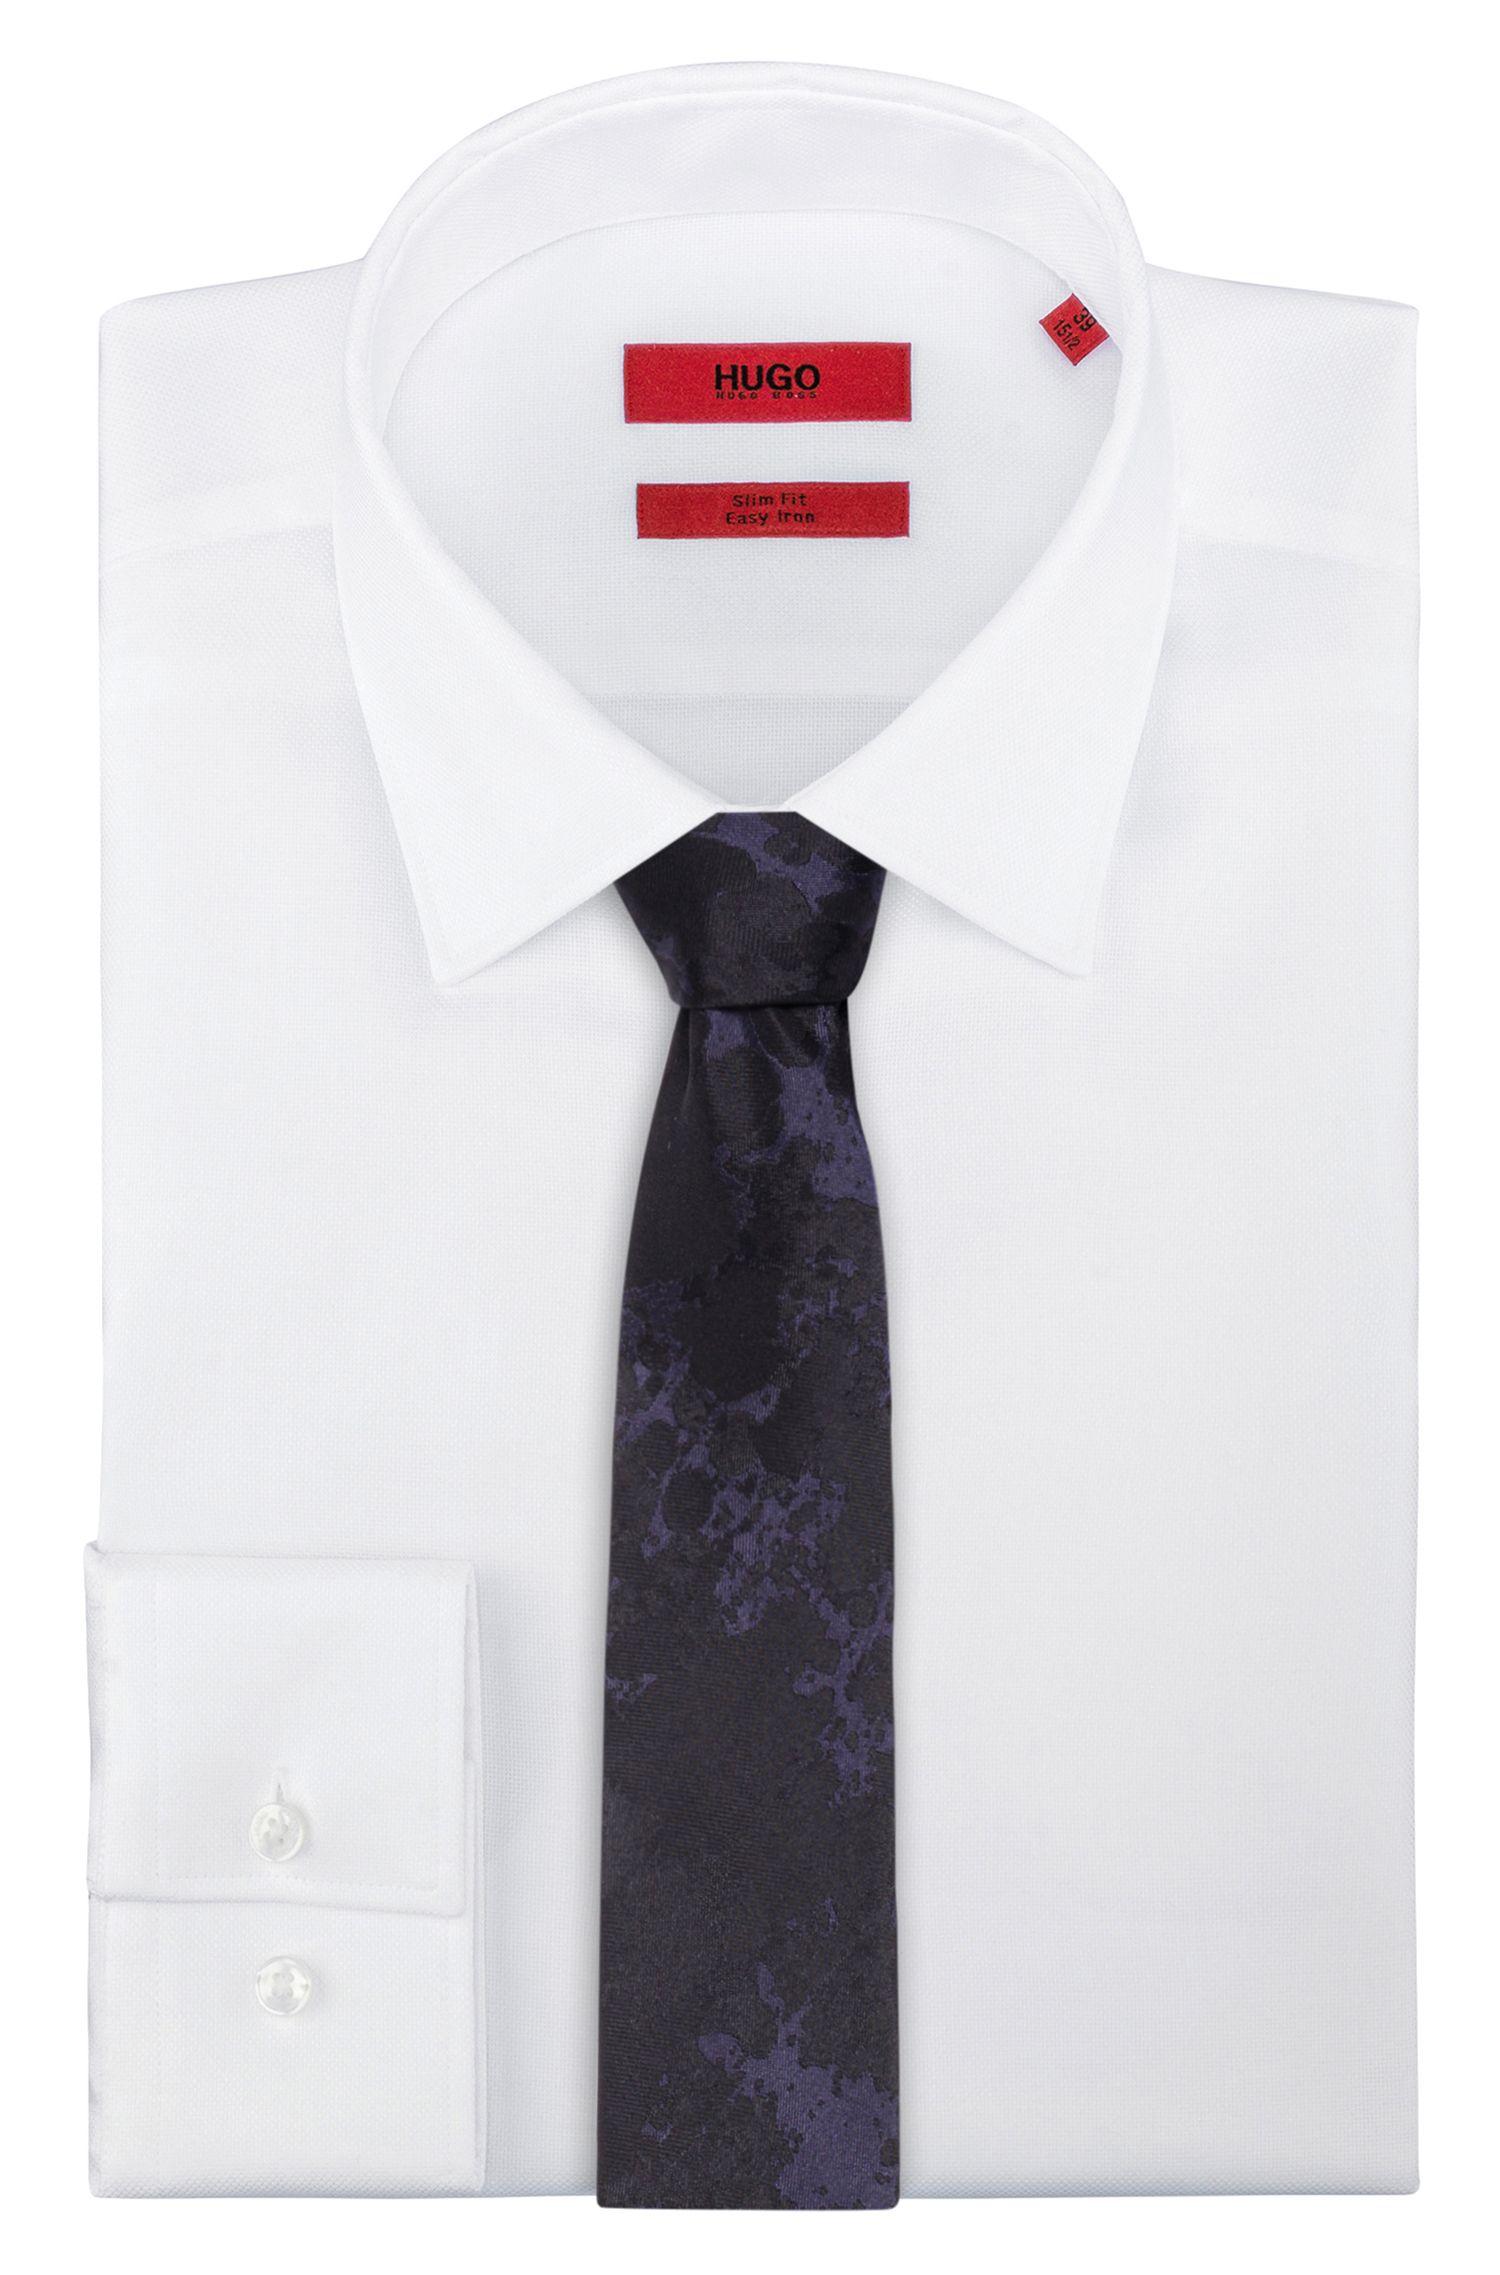 Cravate jacquard en soie